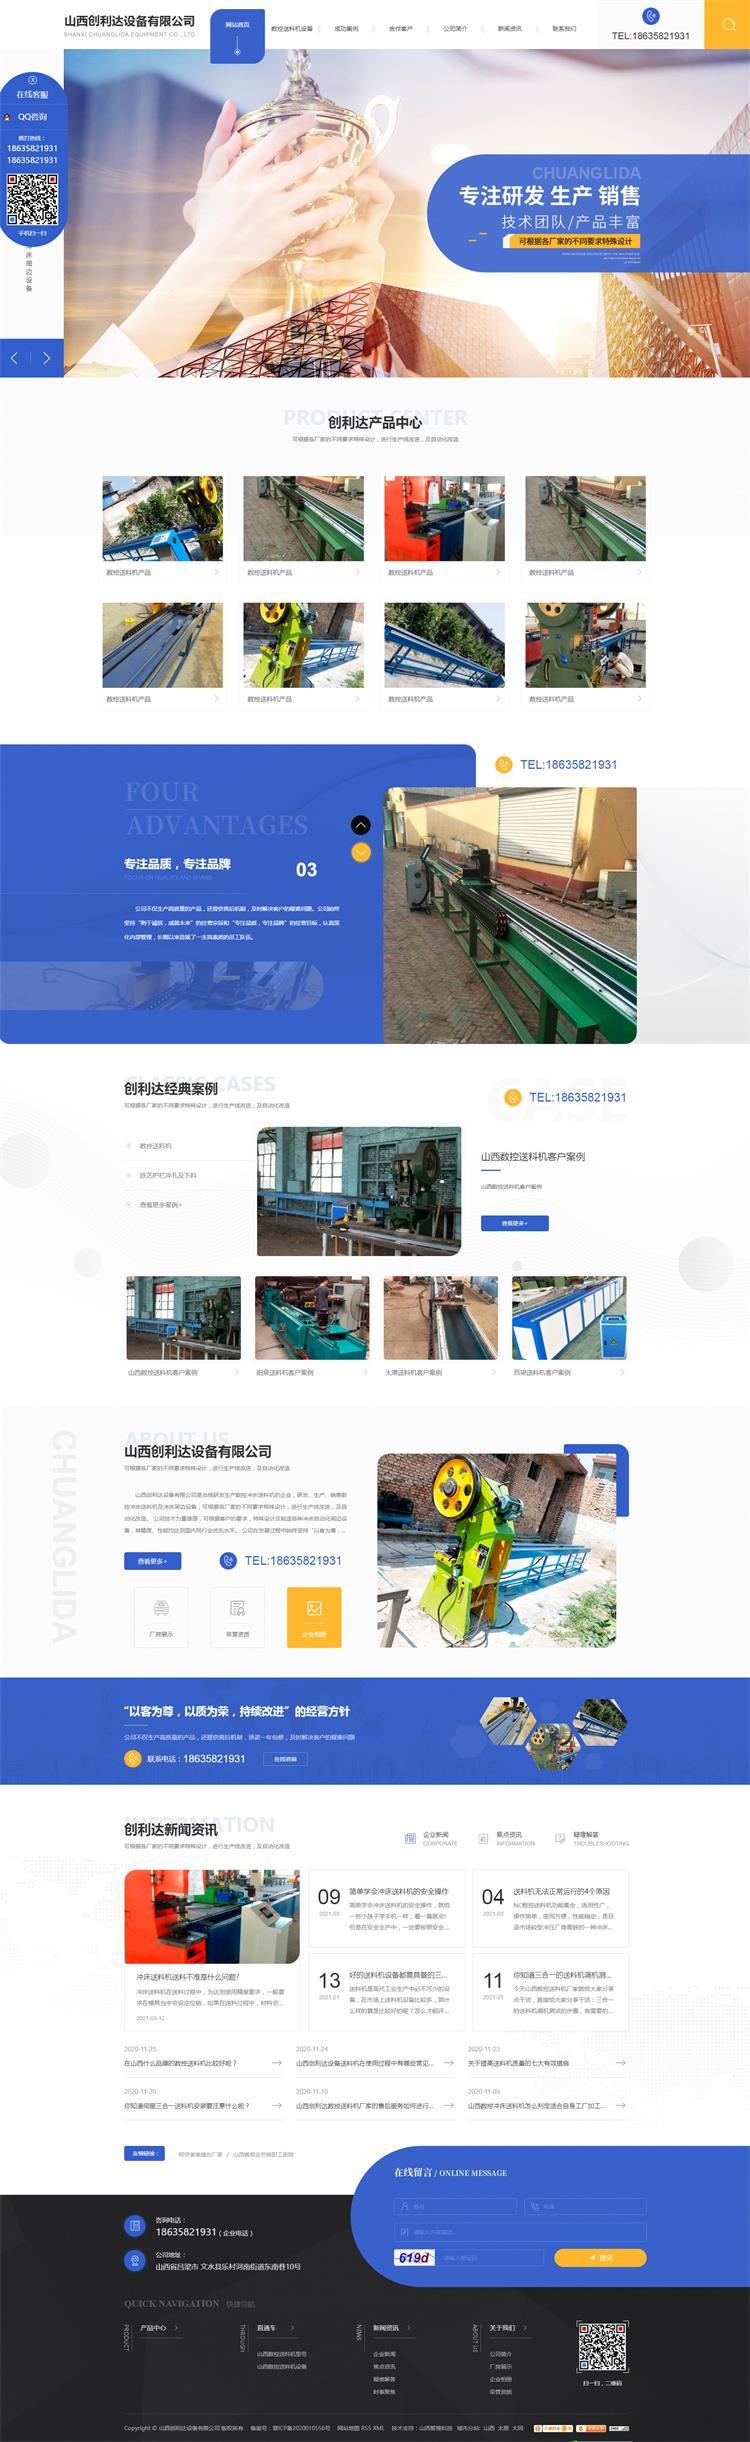 山西创利达设备有限公司|营销型网站案例